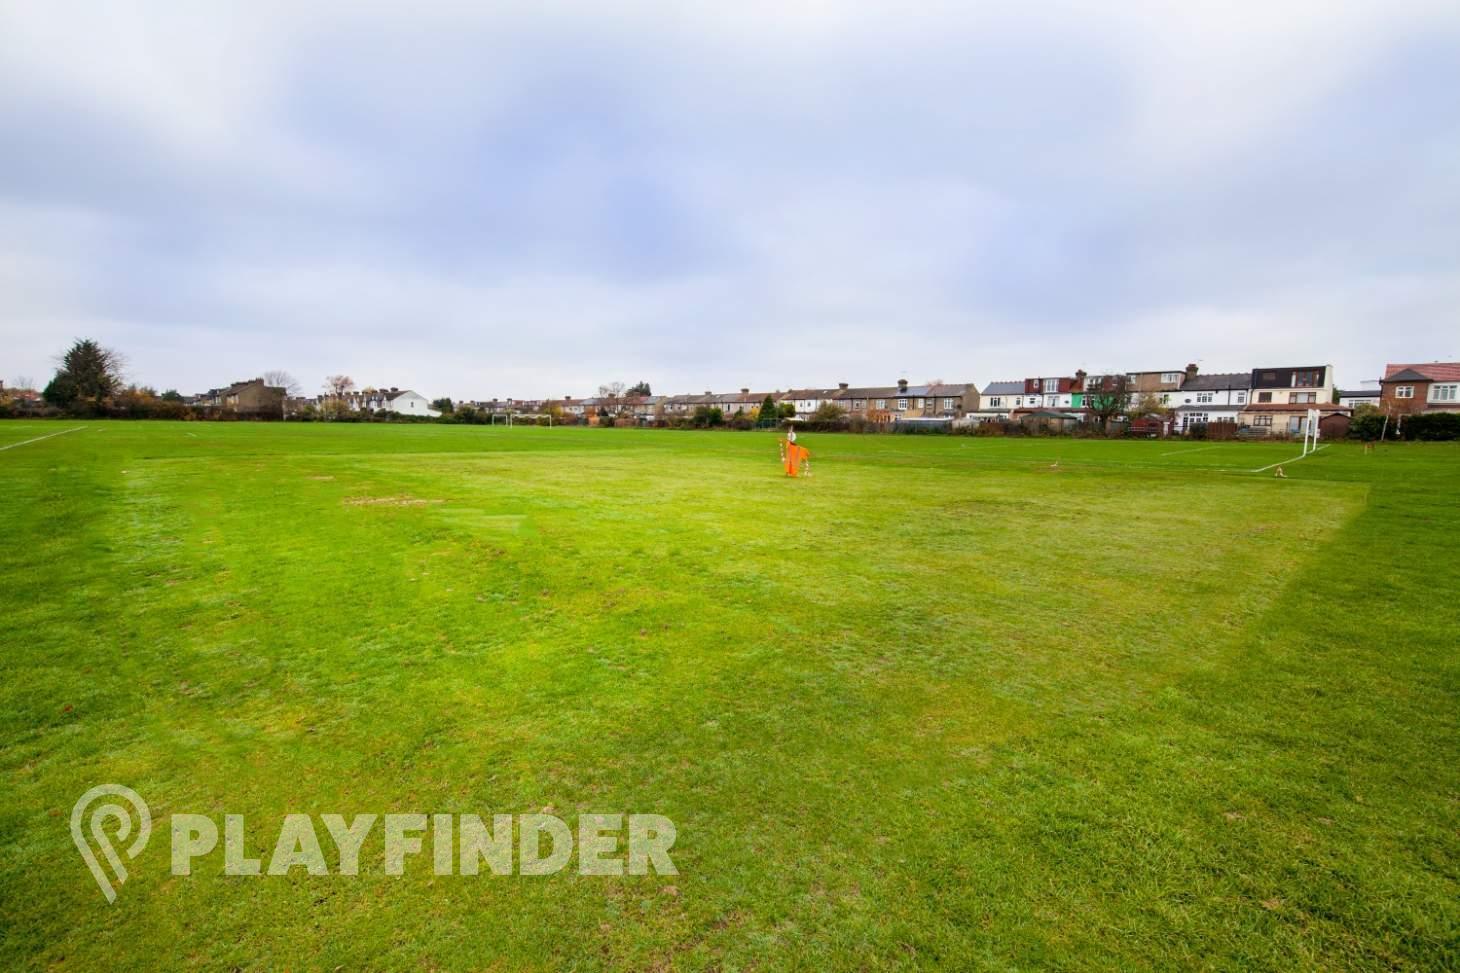 Parmiters Sports Ground